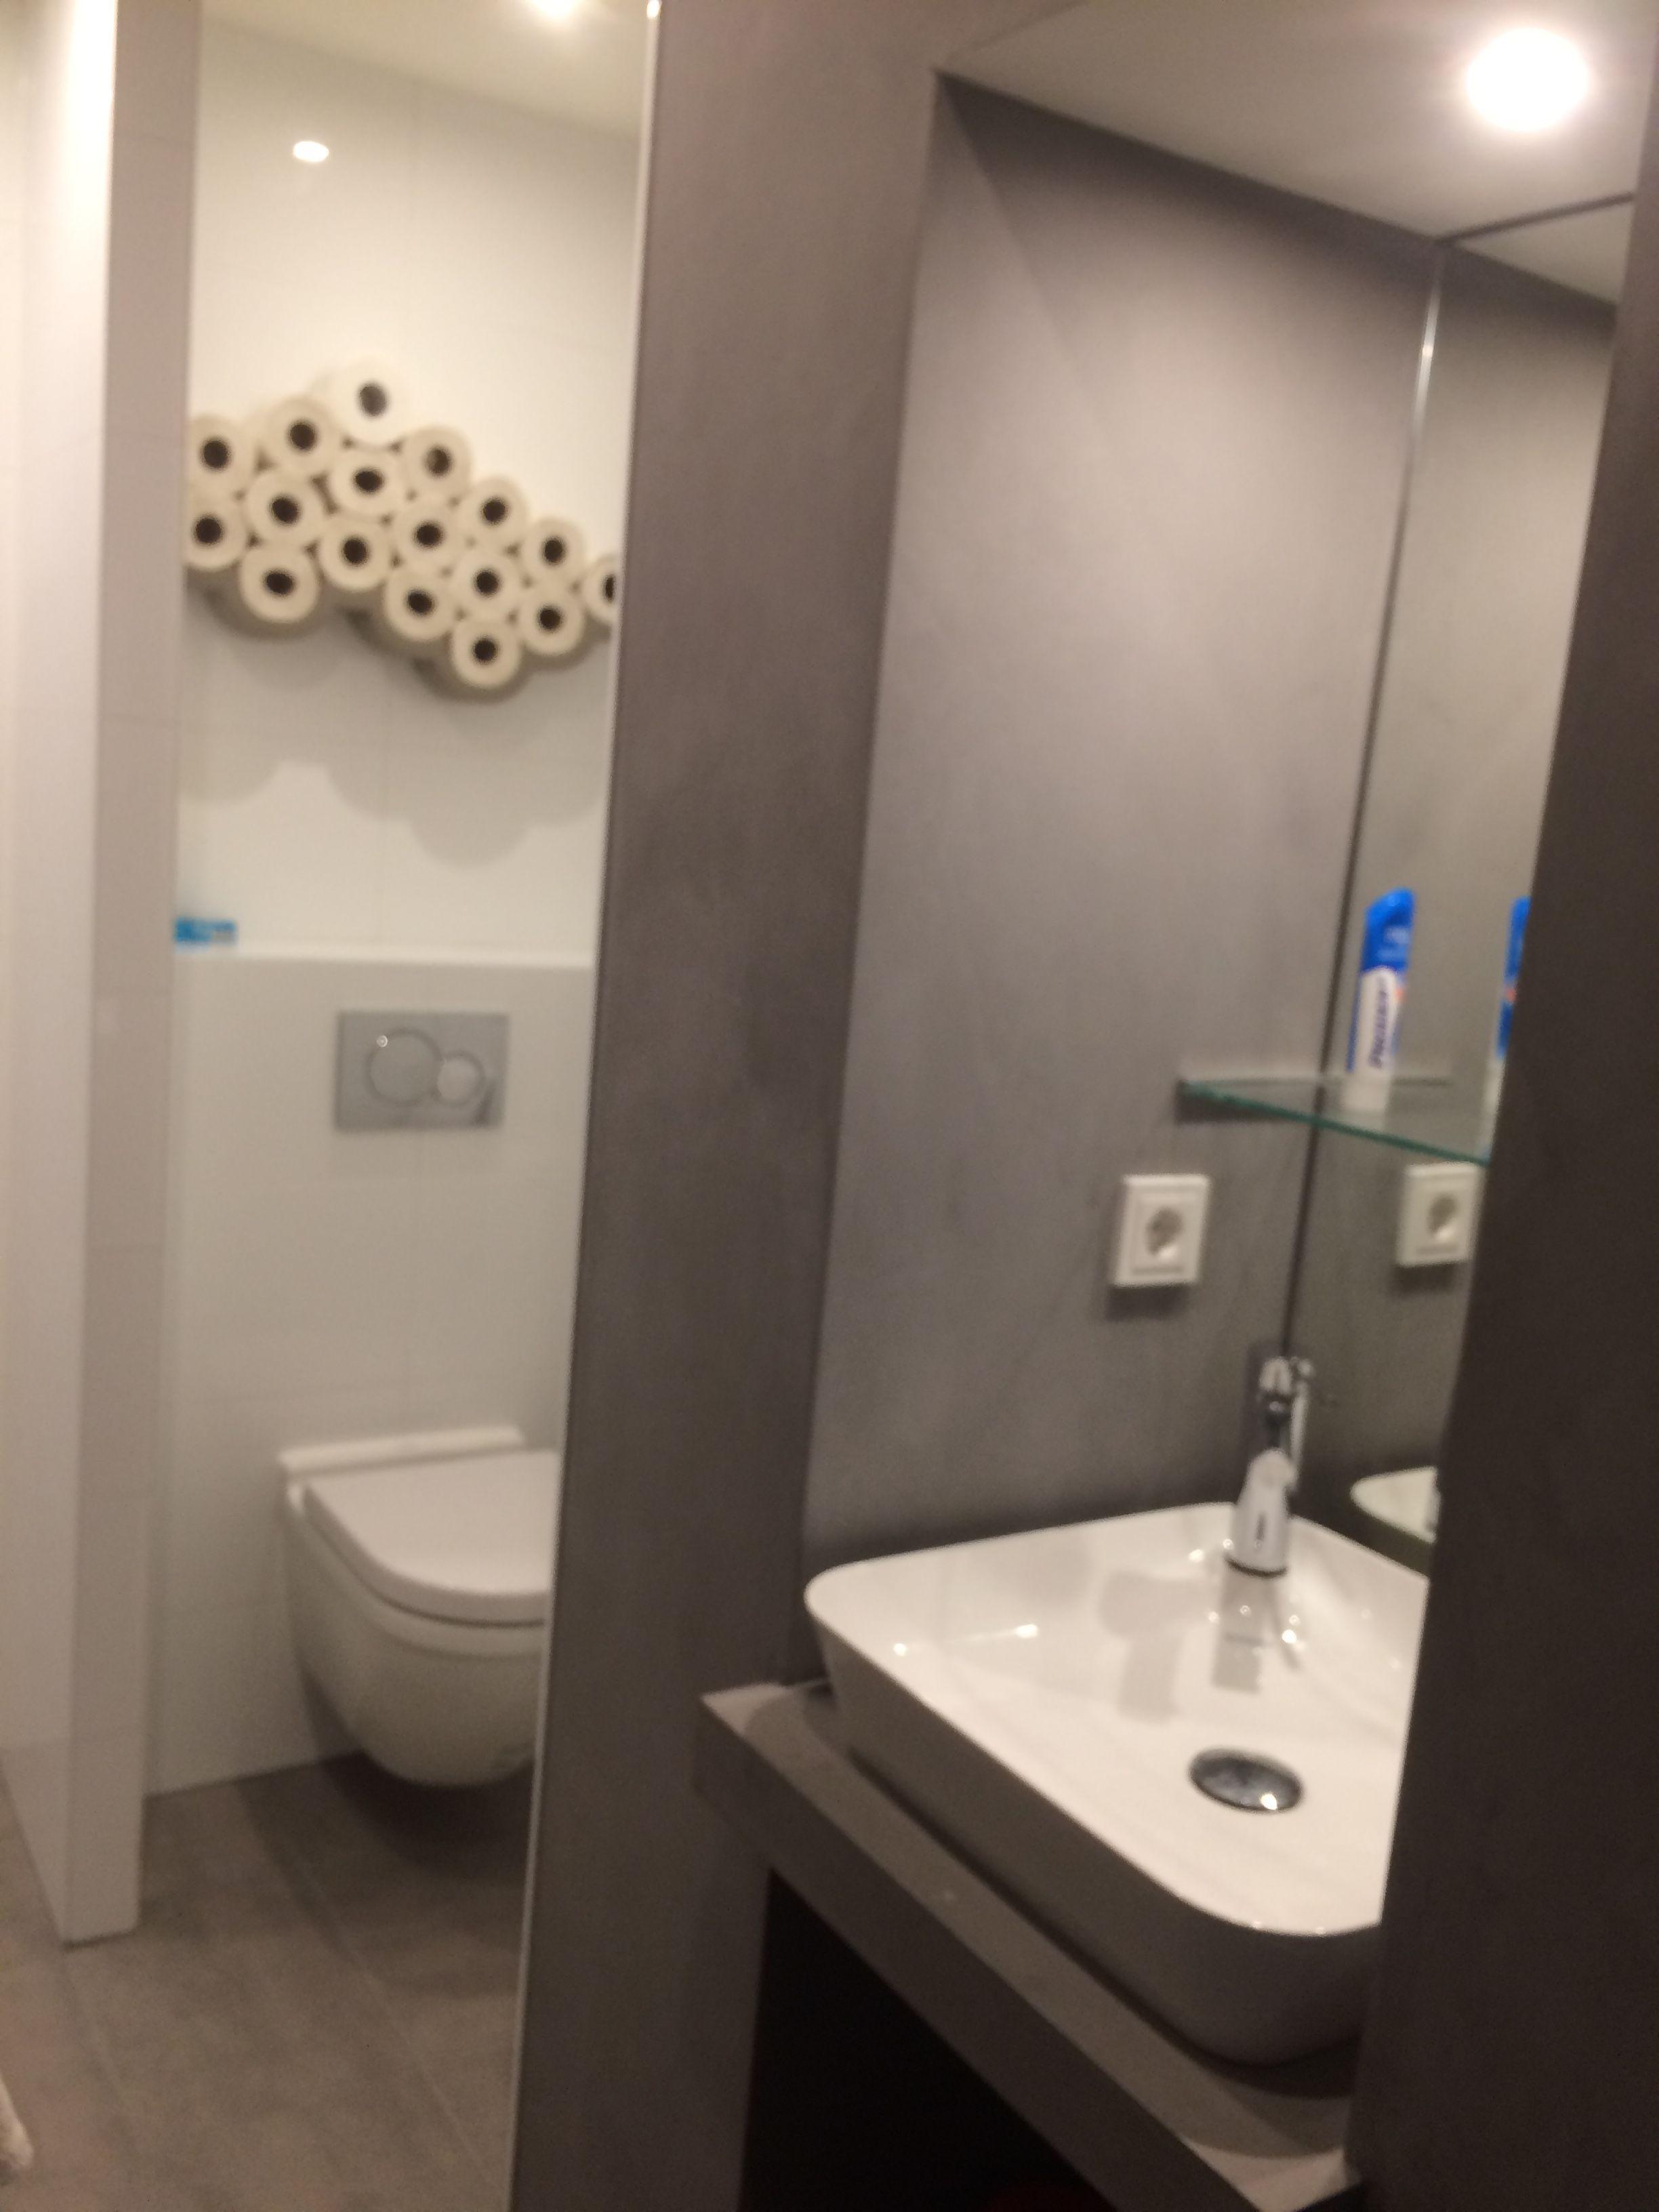 5 m2 (douche-toilet-wastafel-wasdroger - Kleine badkamer | Pinterest ...